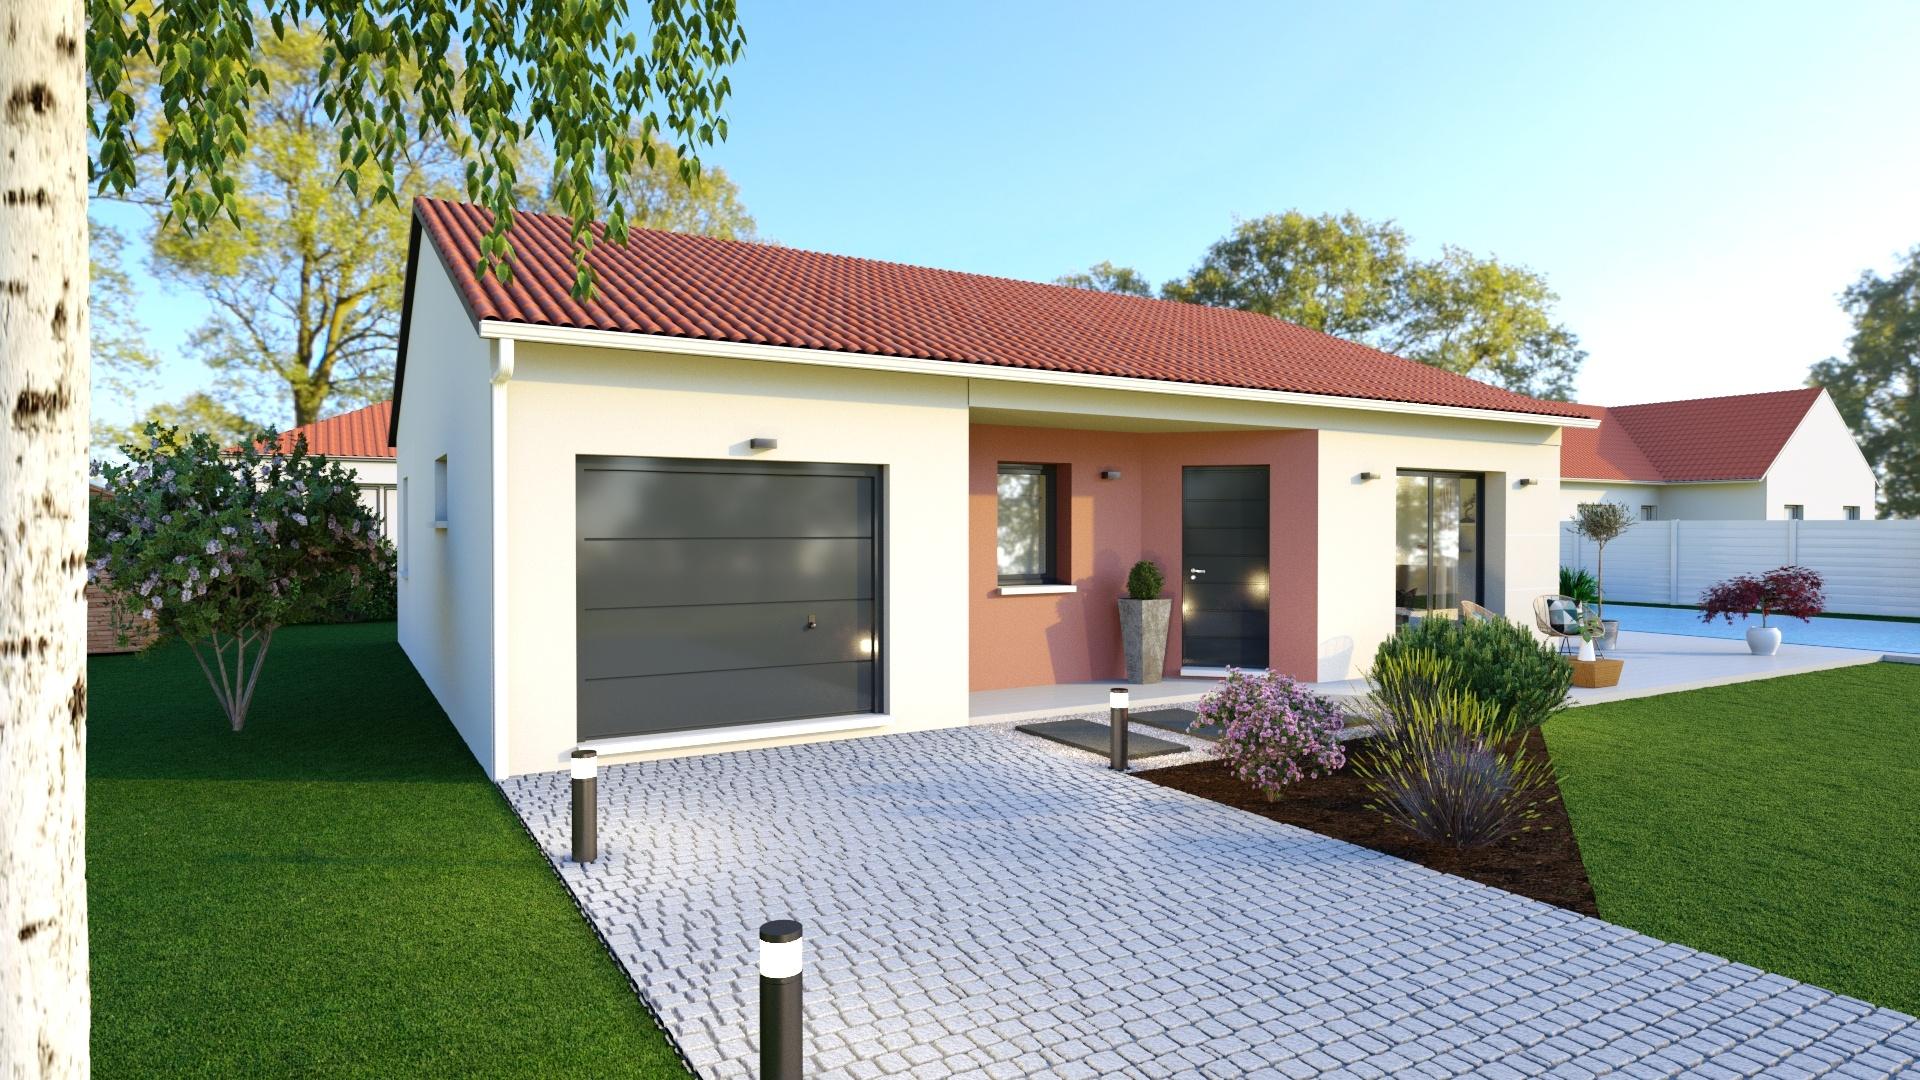 Maisons + Terrains du constructeur MAISONS D EN FRANCE - MONISTROL SUR LOIRE • 80 m² • BEAULIEU